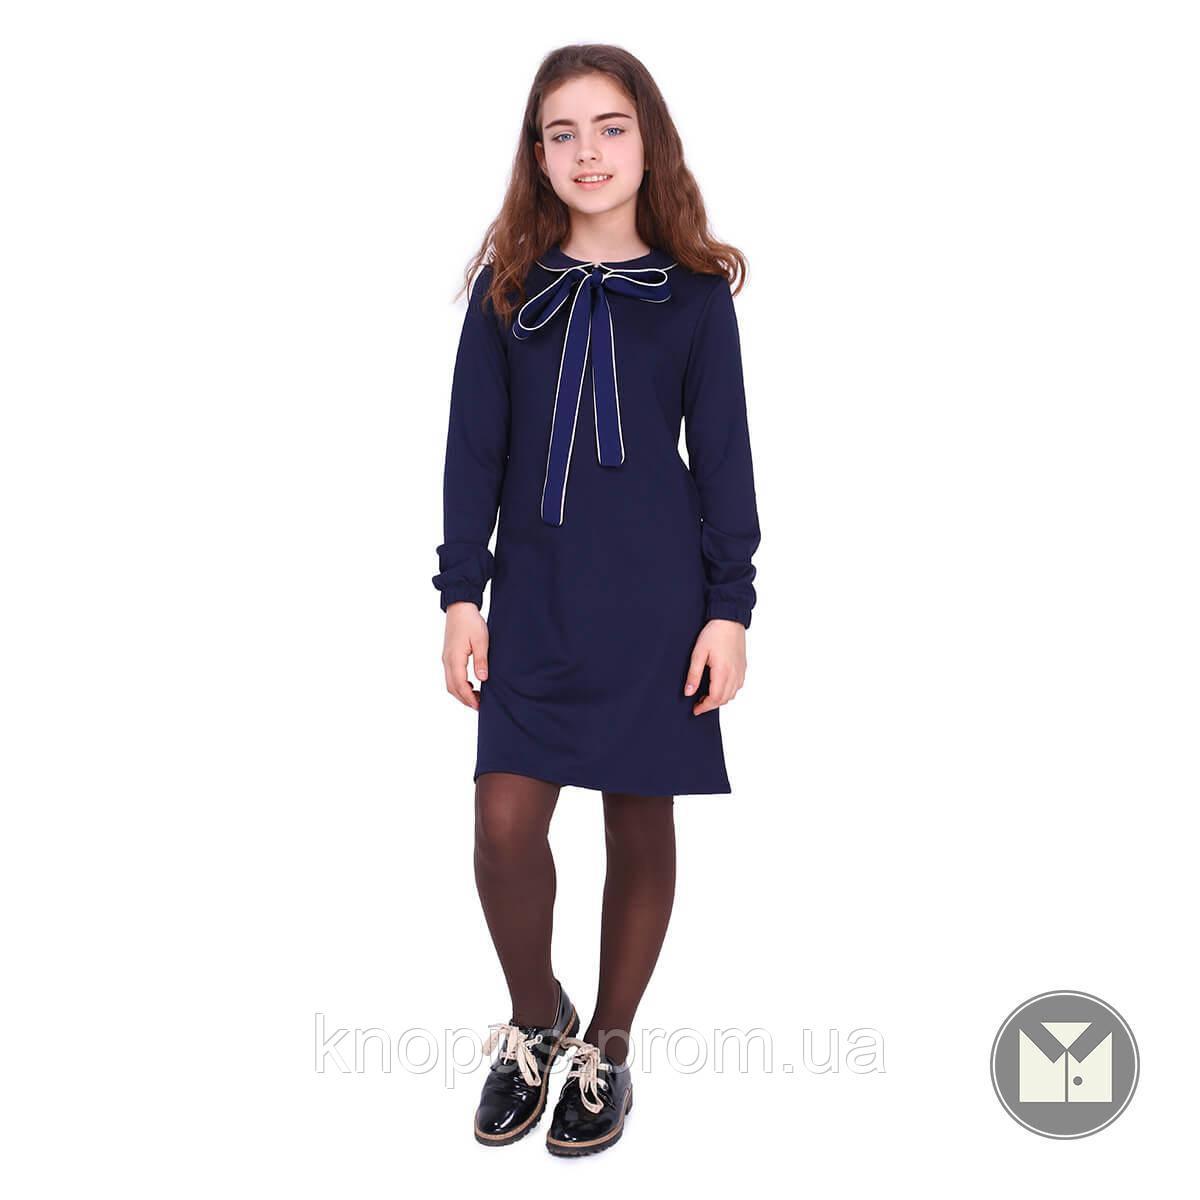 Платье для девочки, Britney, синее, Timbo, размеры 122-152